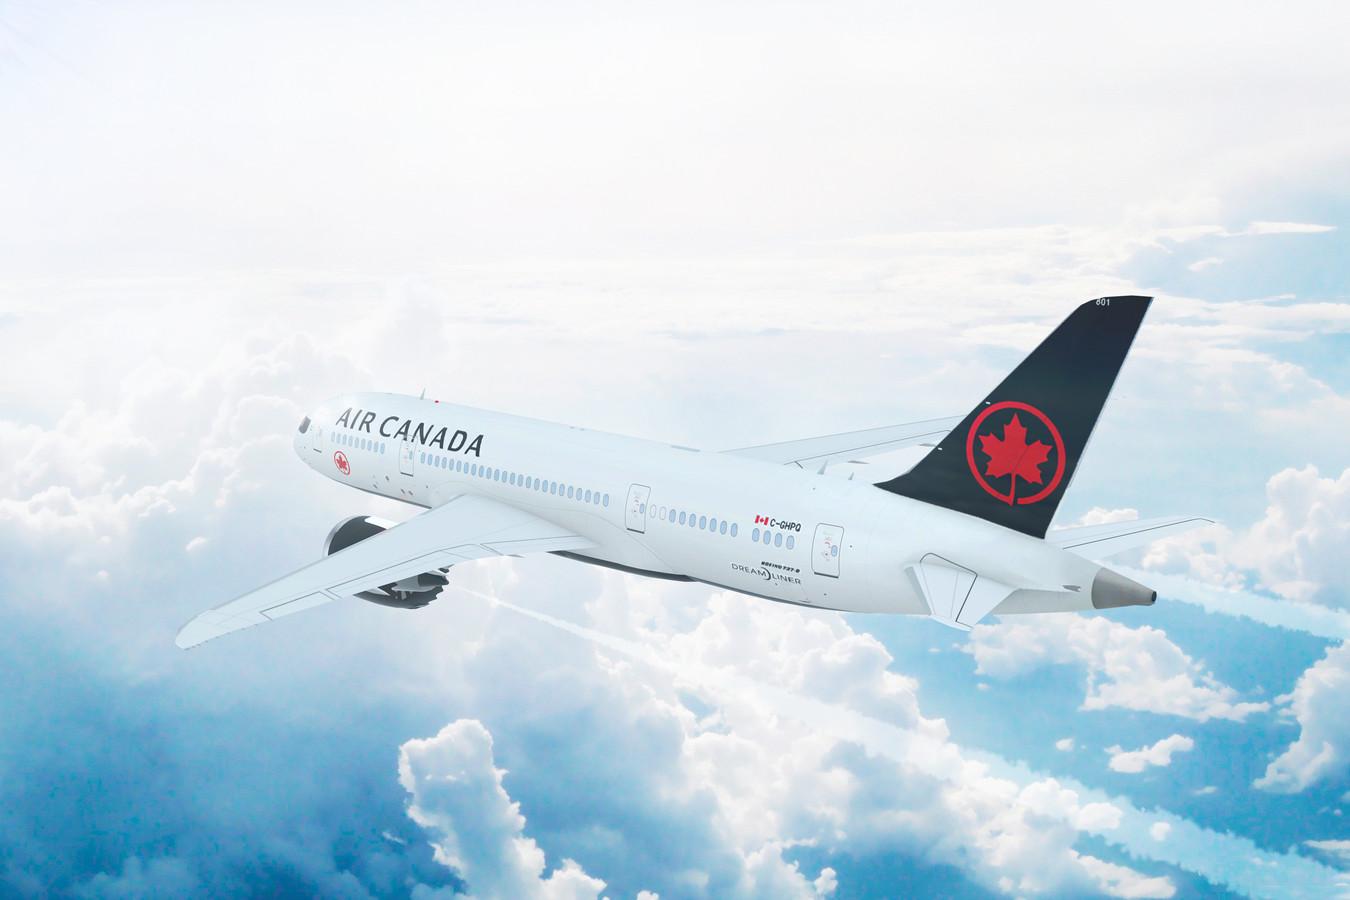 Een toestel van Air Canada. Foto ter illustratie.